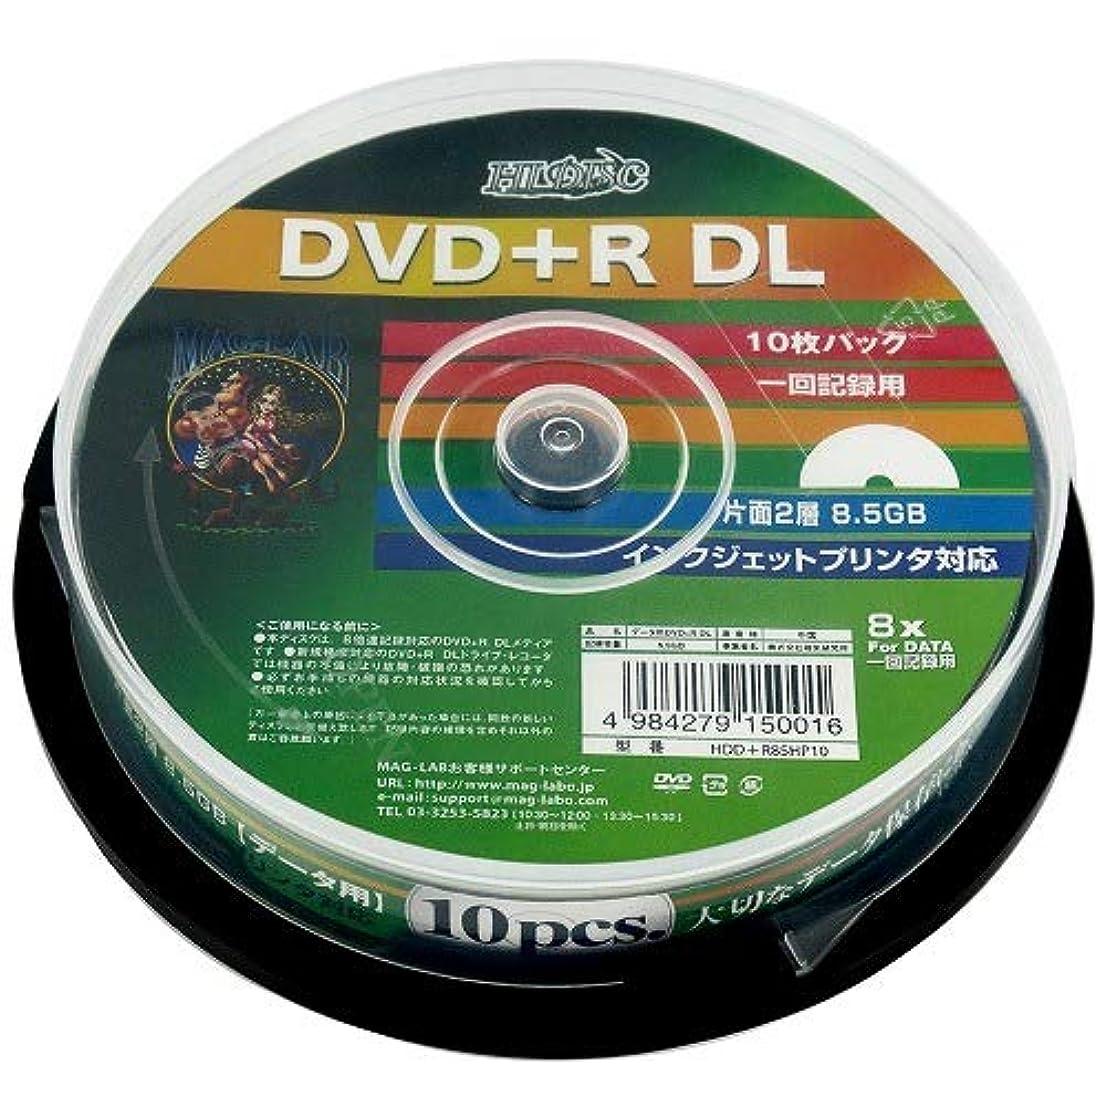 カテナ二次規範HI-DISC データ用DVD+R HDD+R85HP10 (DL/8倍速/10枚)